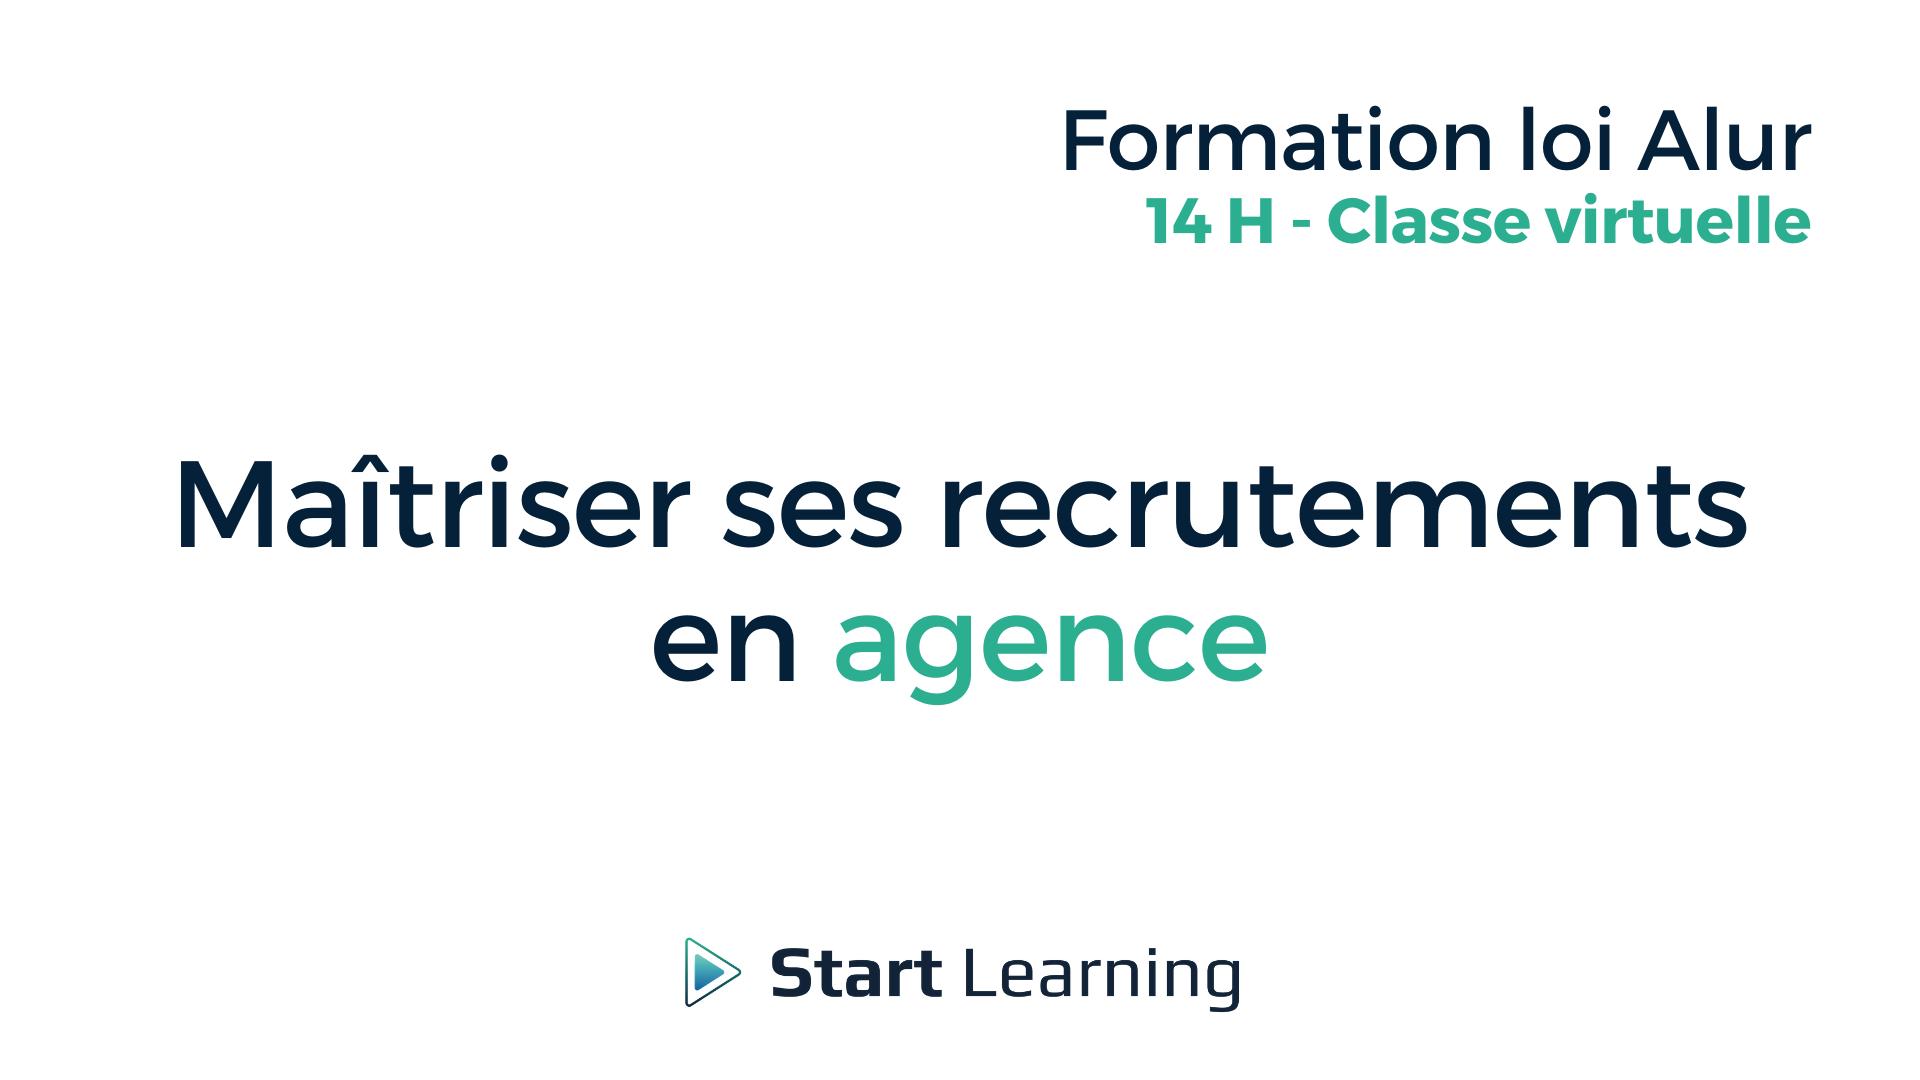 Formation loi Alur en classe virtuelle - Maîtriser ses recrutements en agence